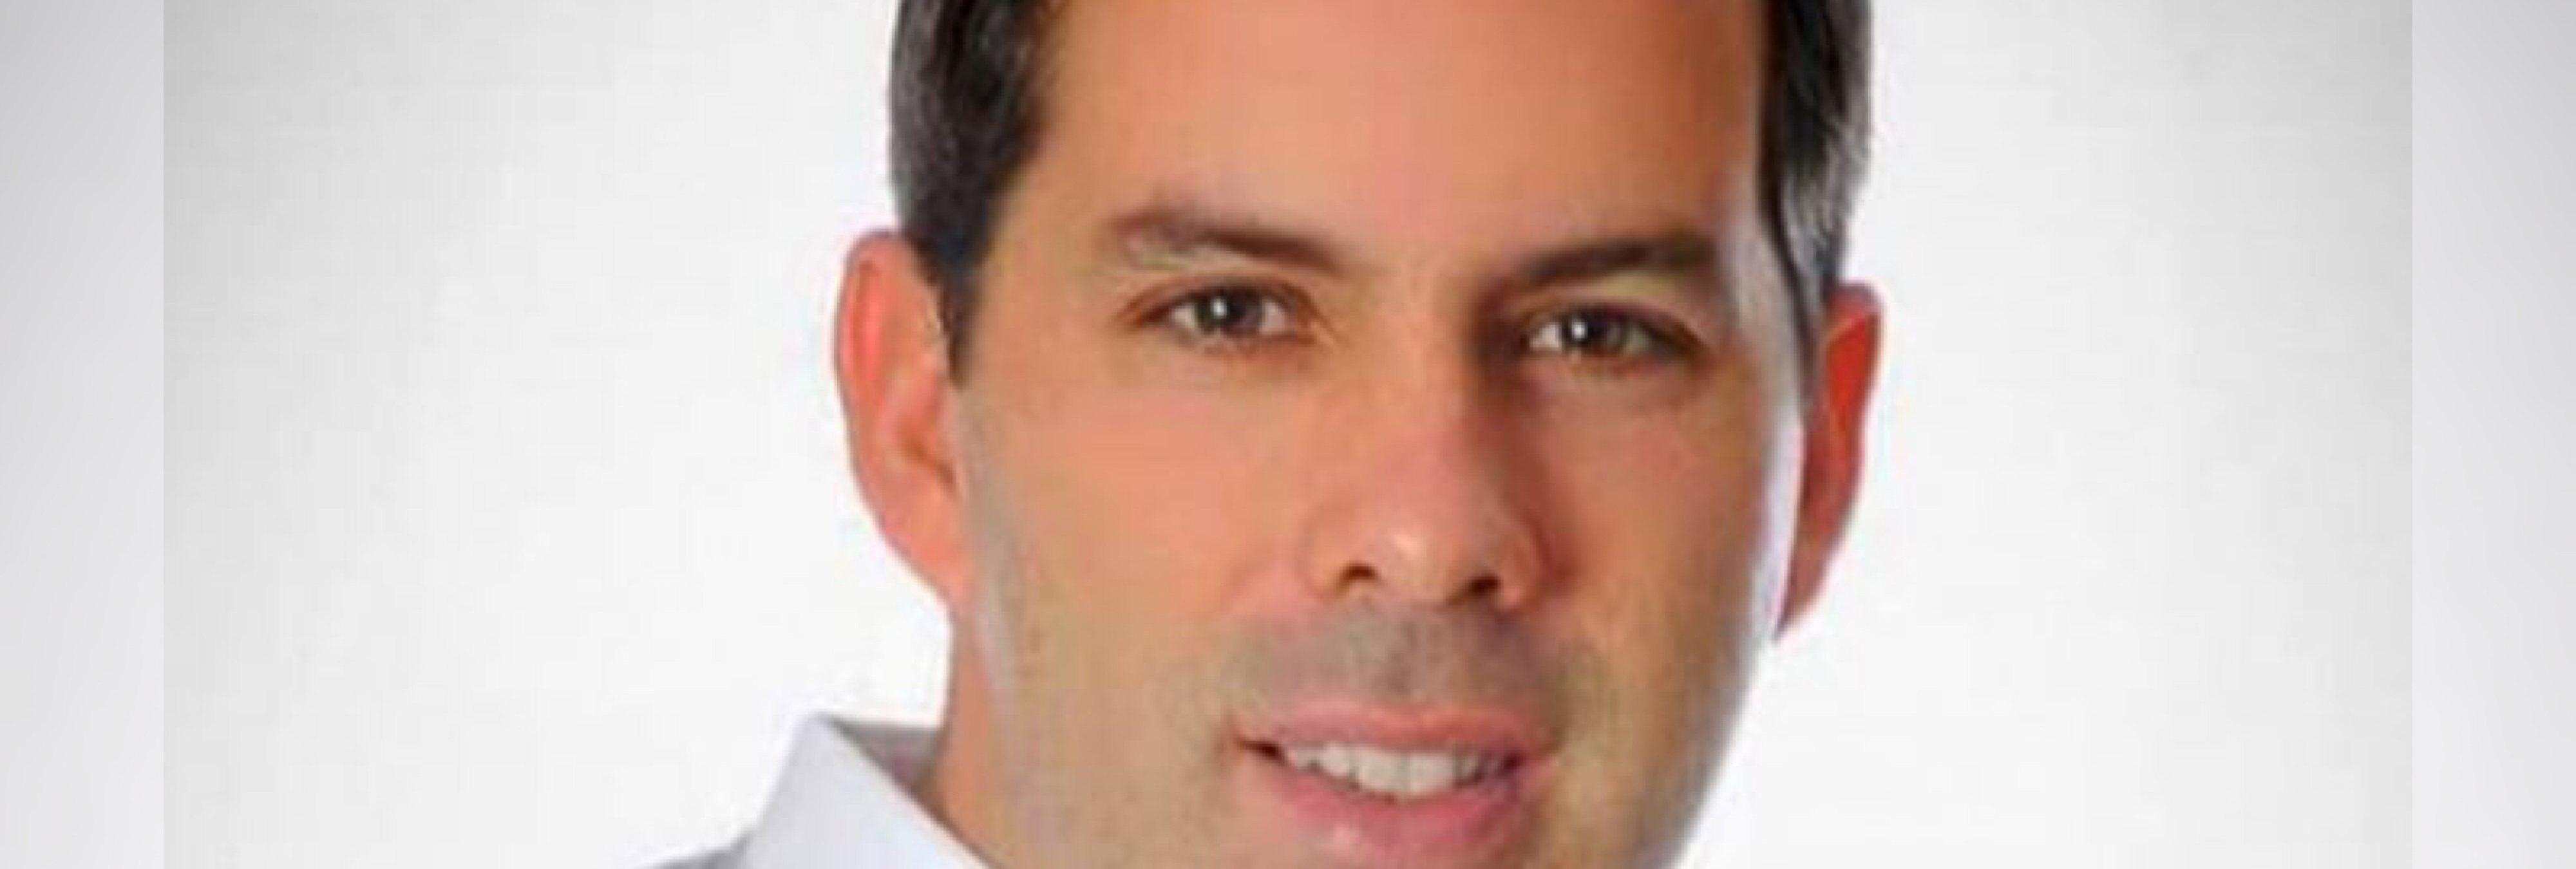 Un político mexicano es asesinado por un disparo en la cabeza mientras se hacía un selfie